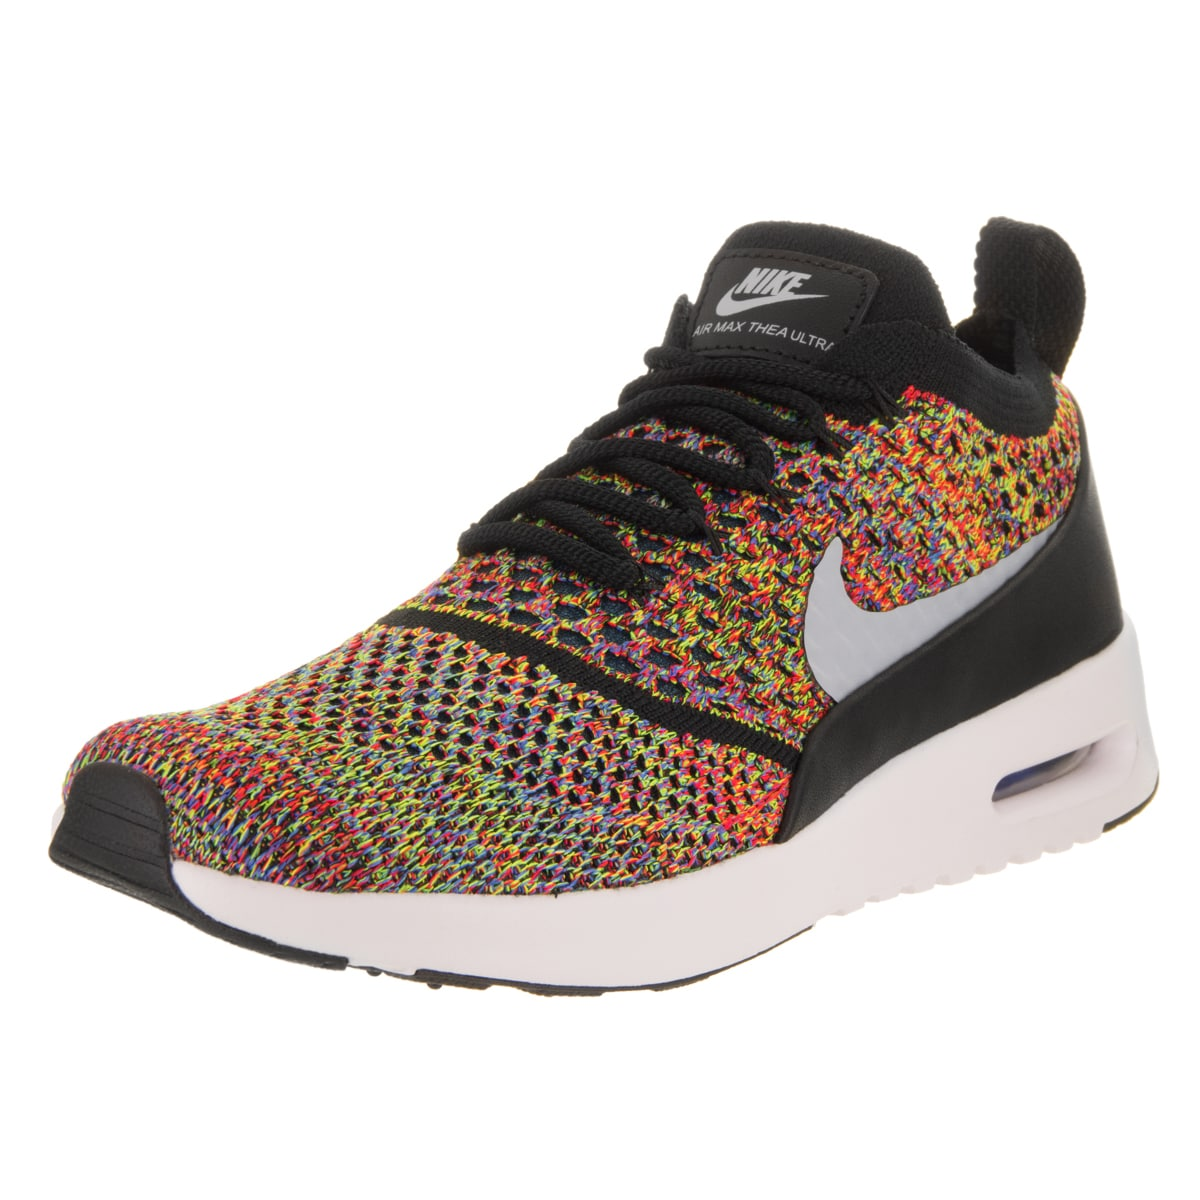 e8e447eaa64 Shop Nike Women s Air Max Thea Ultra FK Running Shoe - Free Shipping Today  - Overstock - 14746721